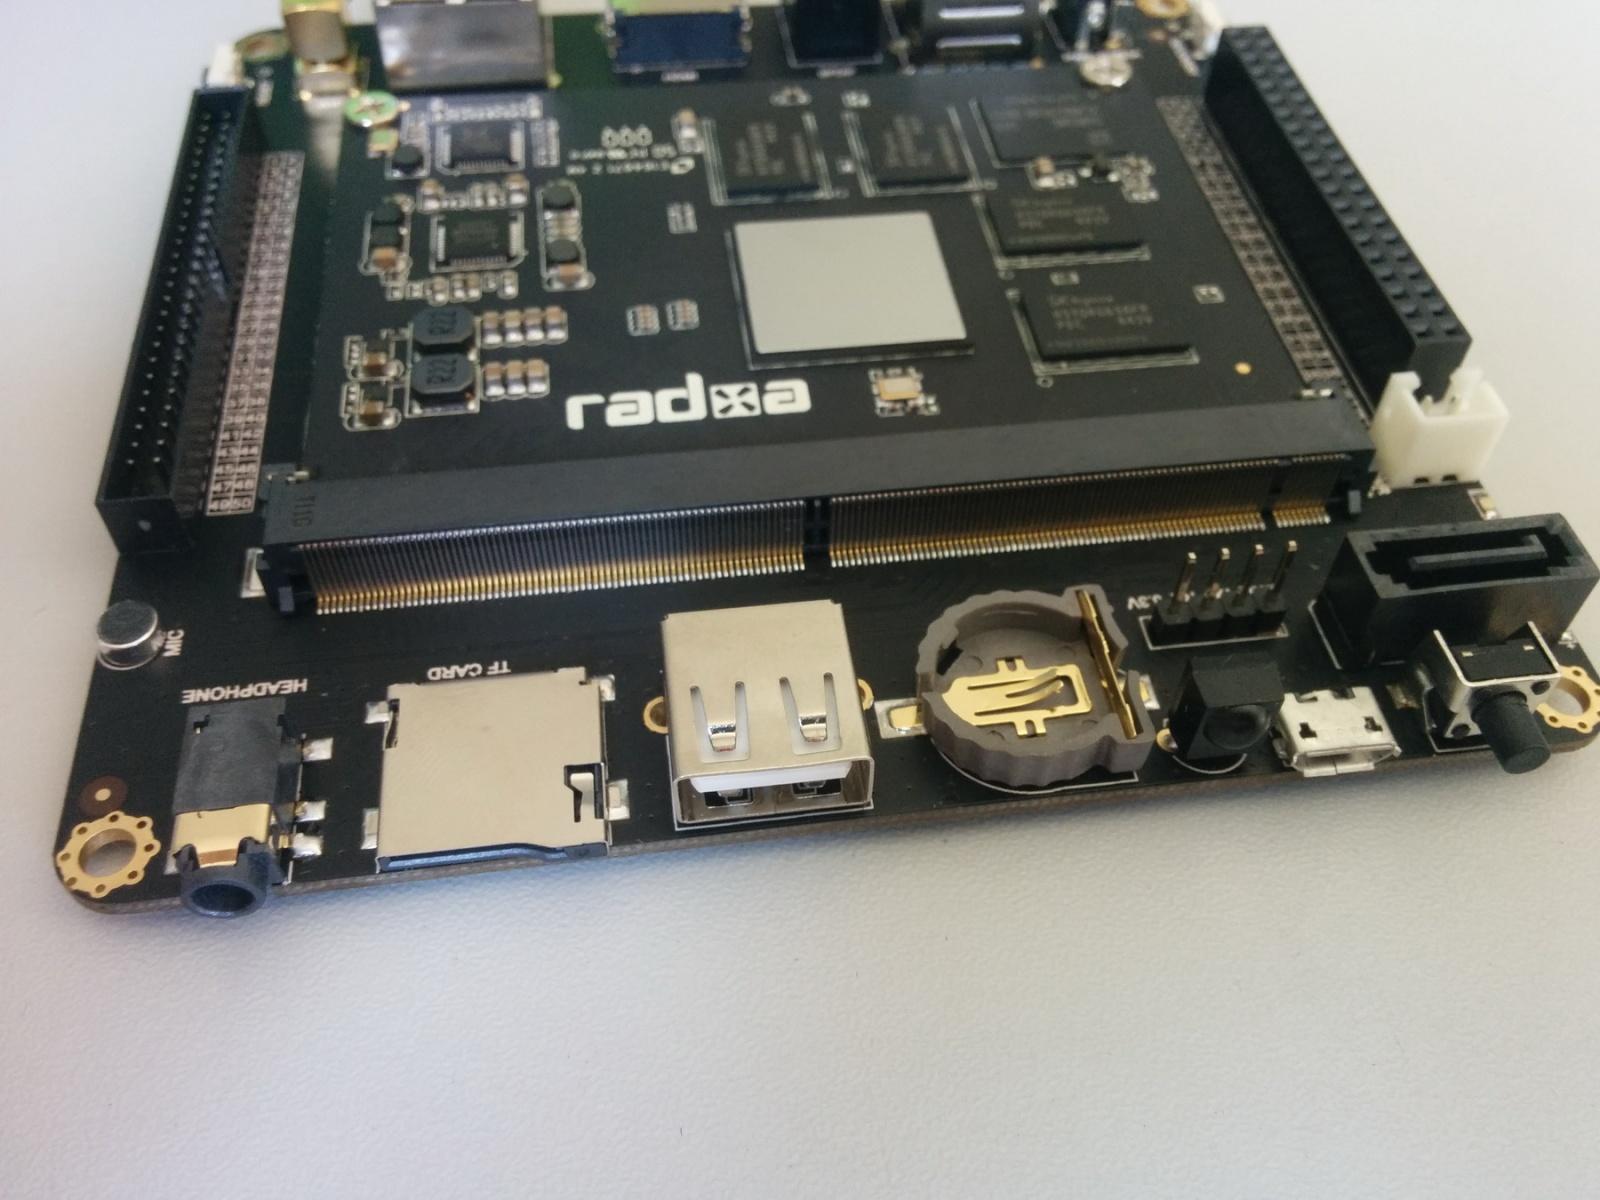 Обзор отладочного комплекта Radxa Rock 2 Square и SoM - 7